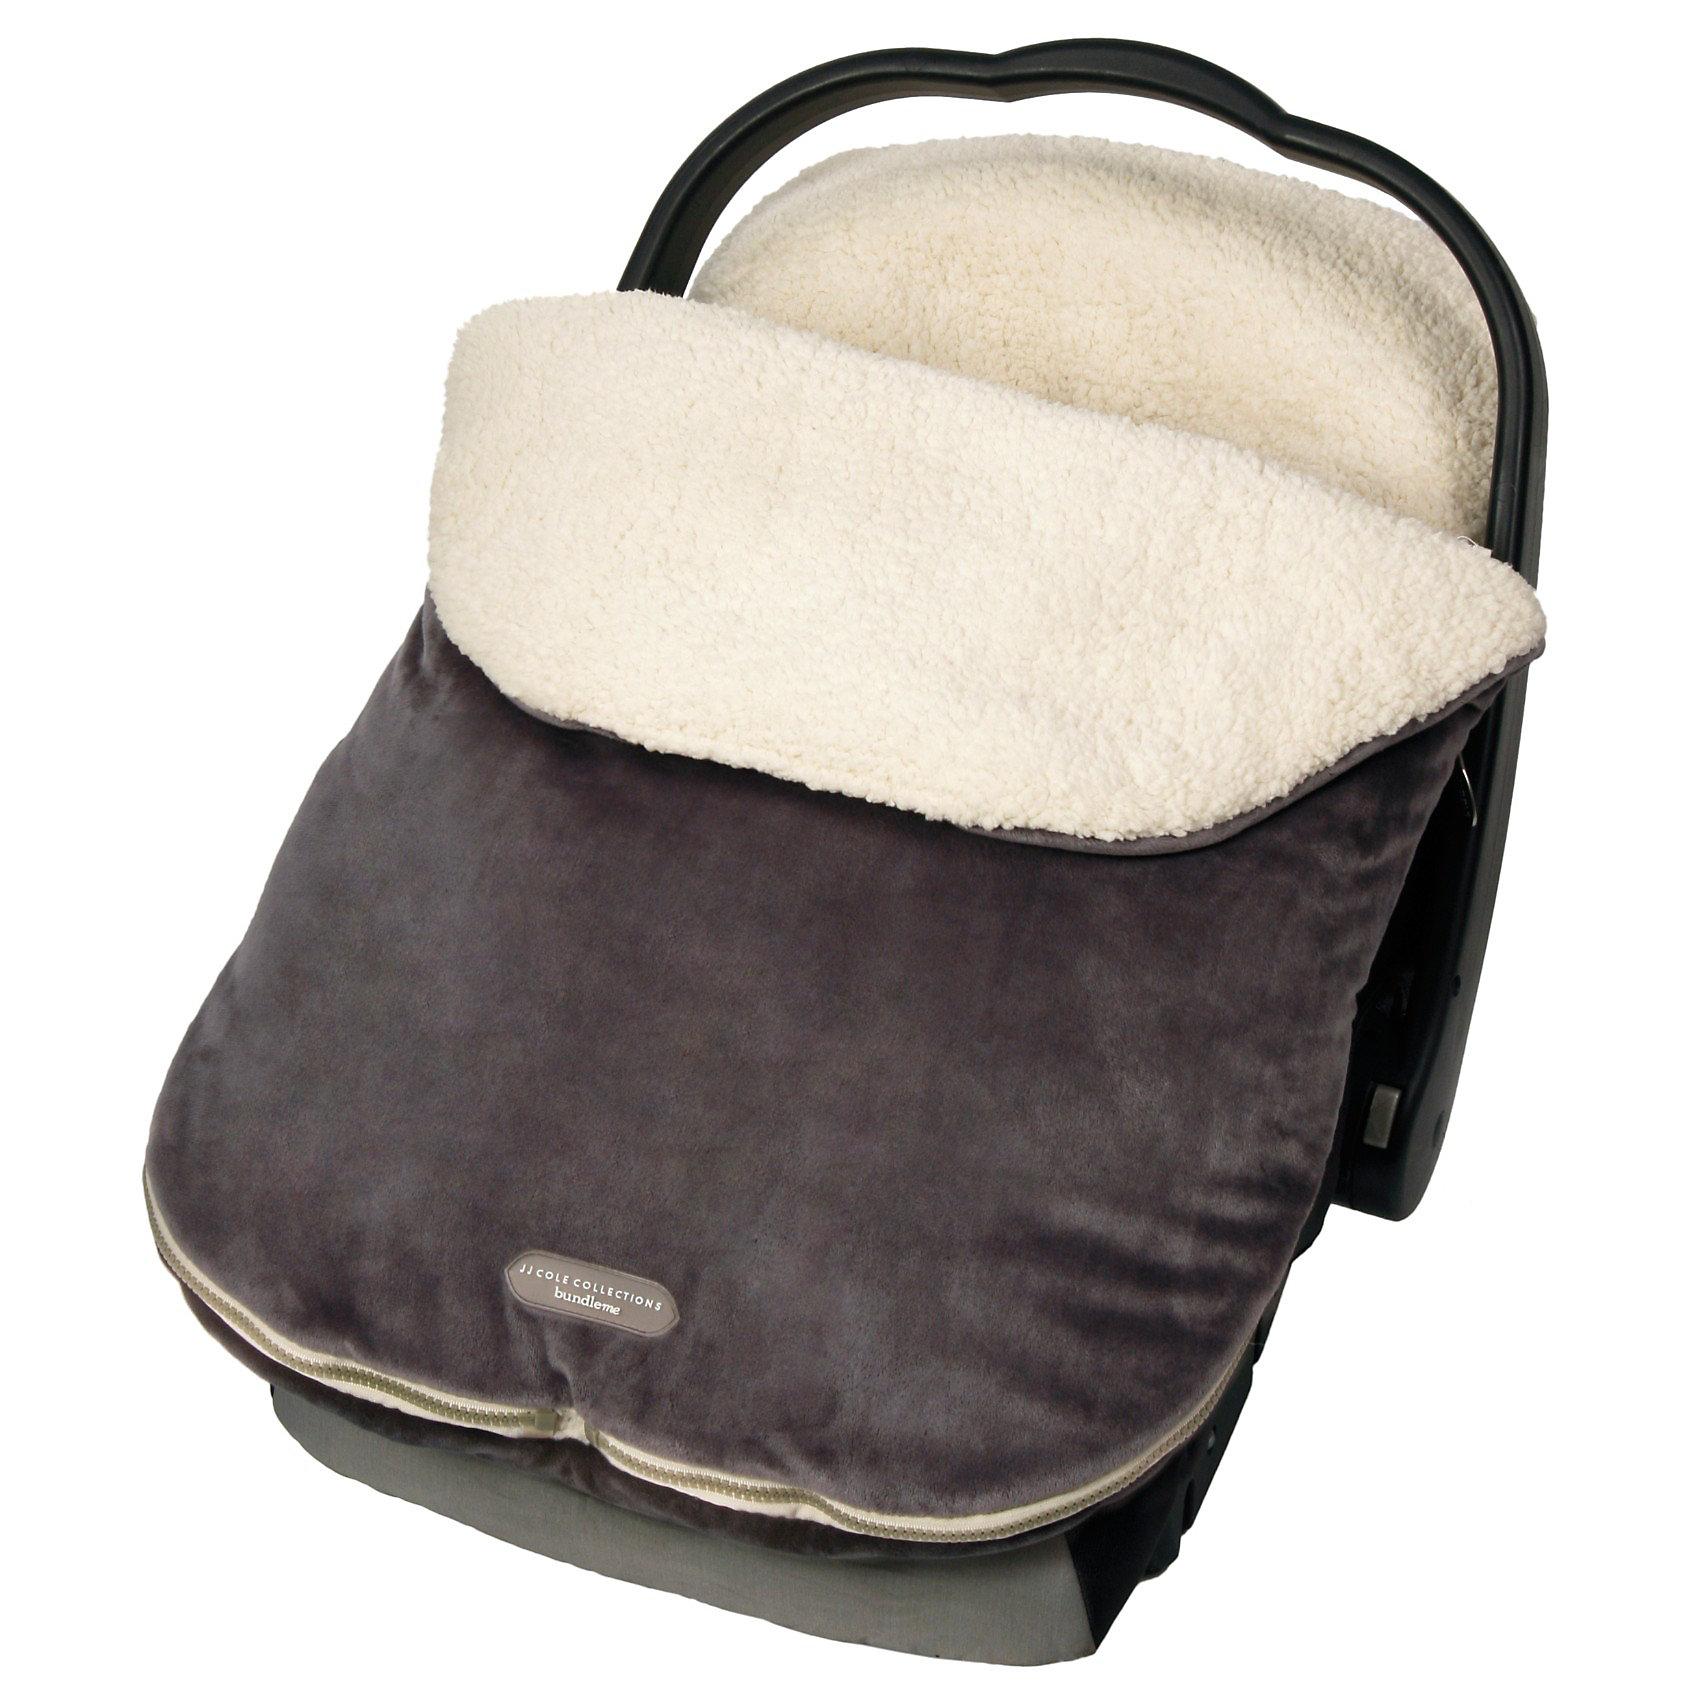 Спальный мешок в люльку Bundleme Infant, графитовый